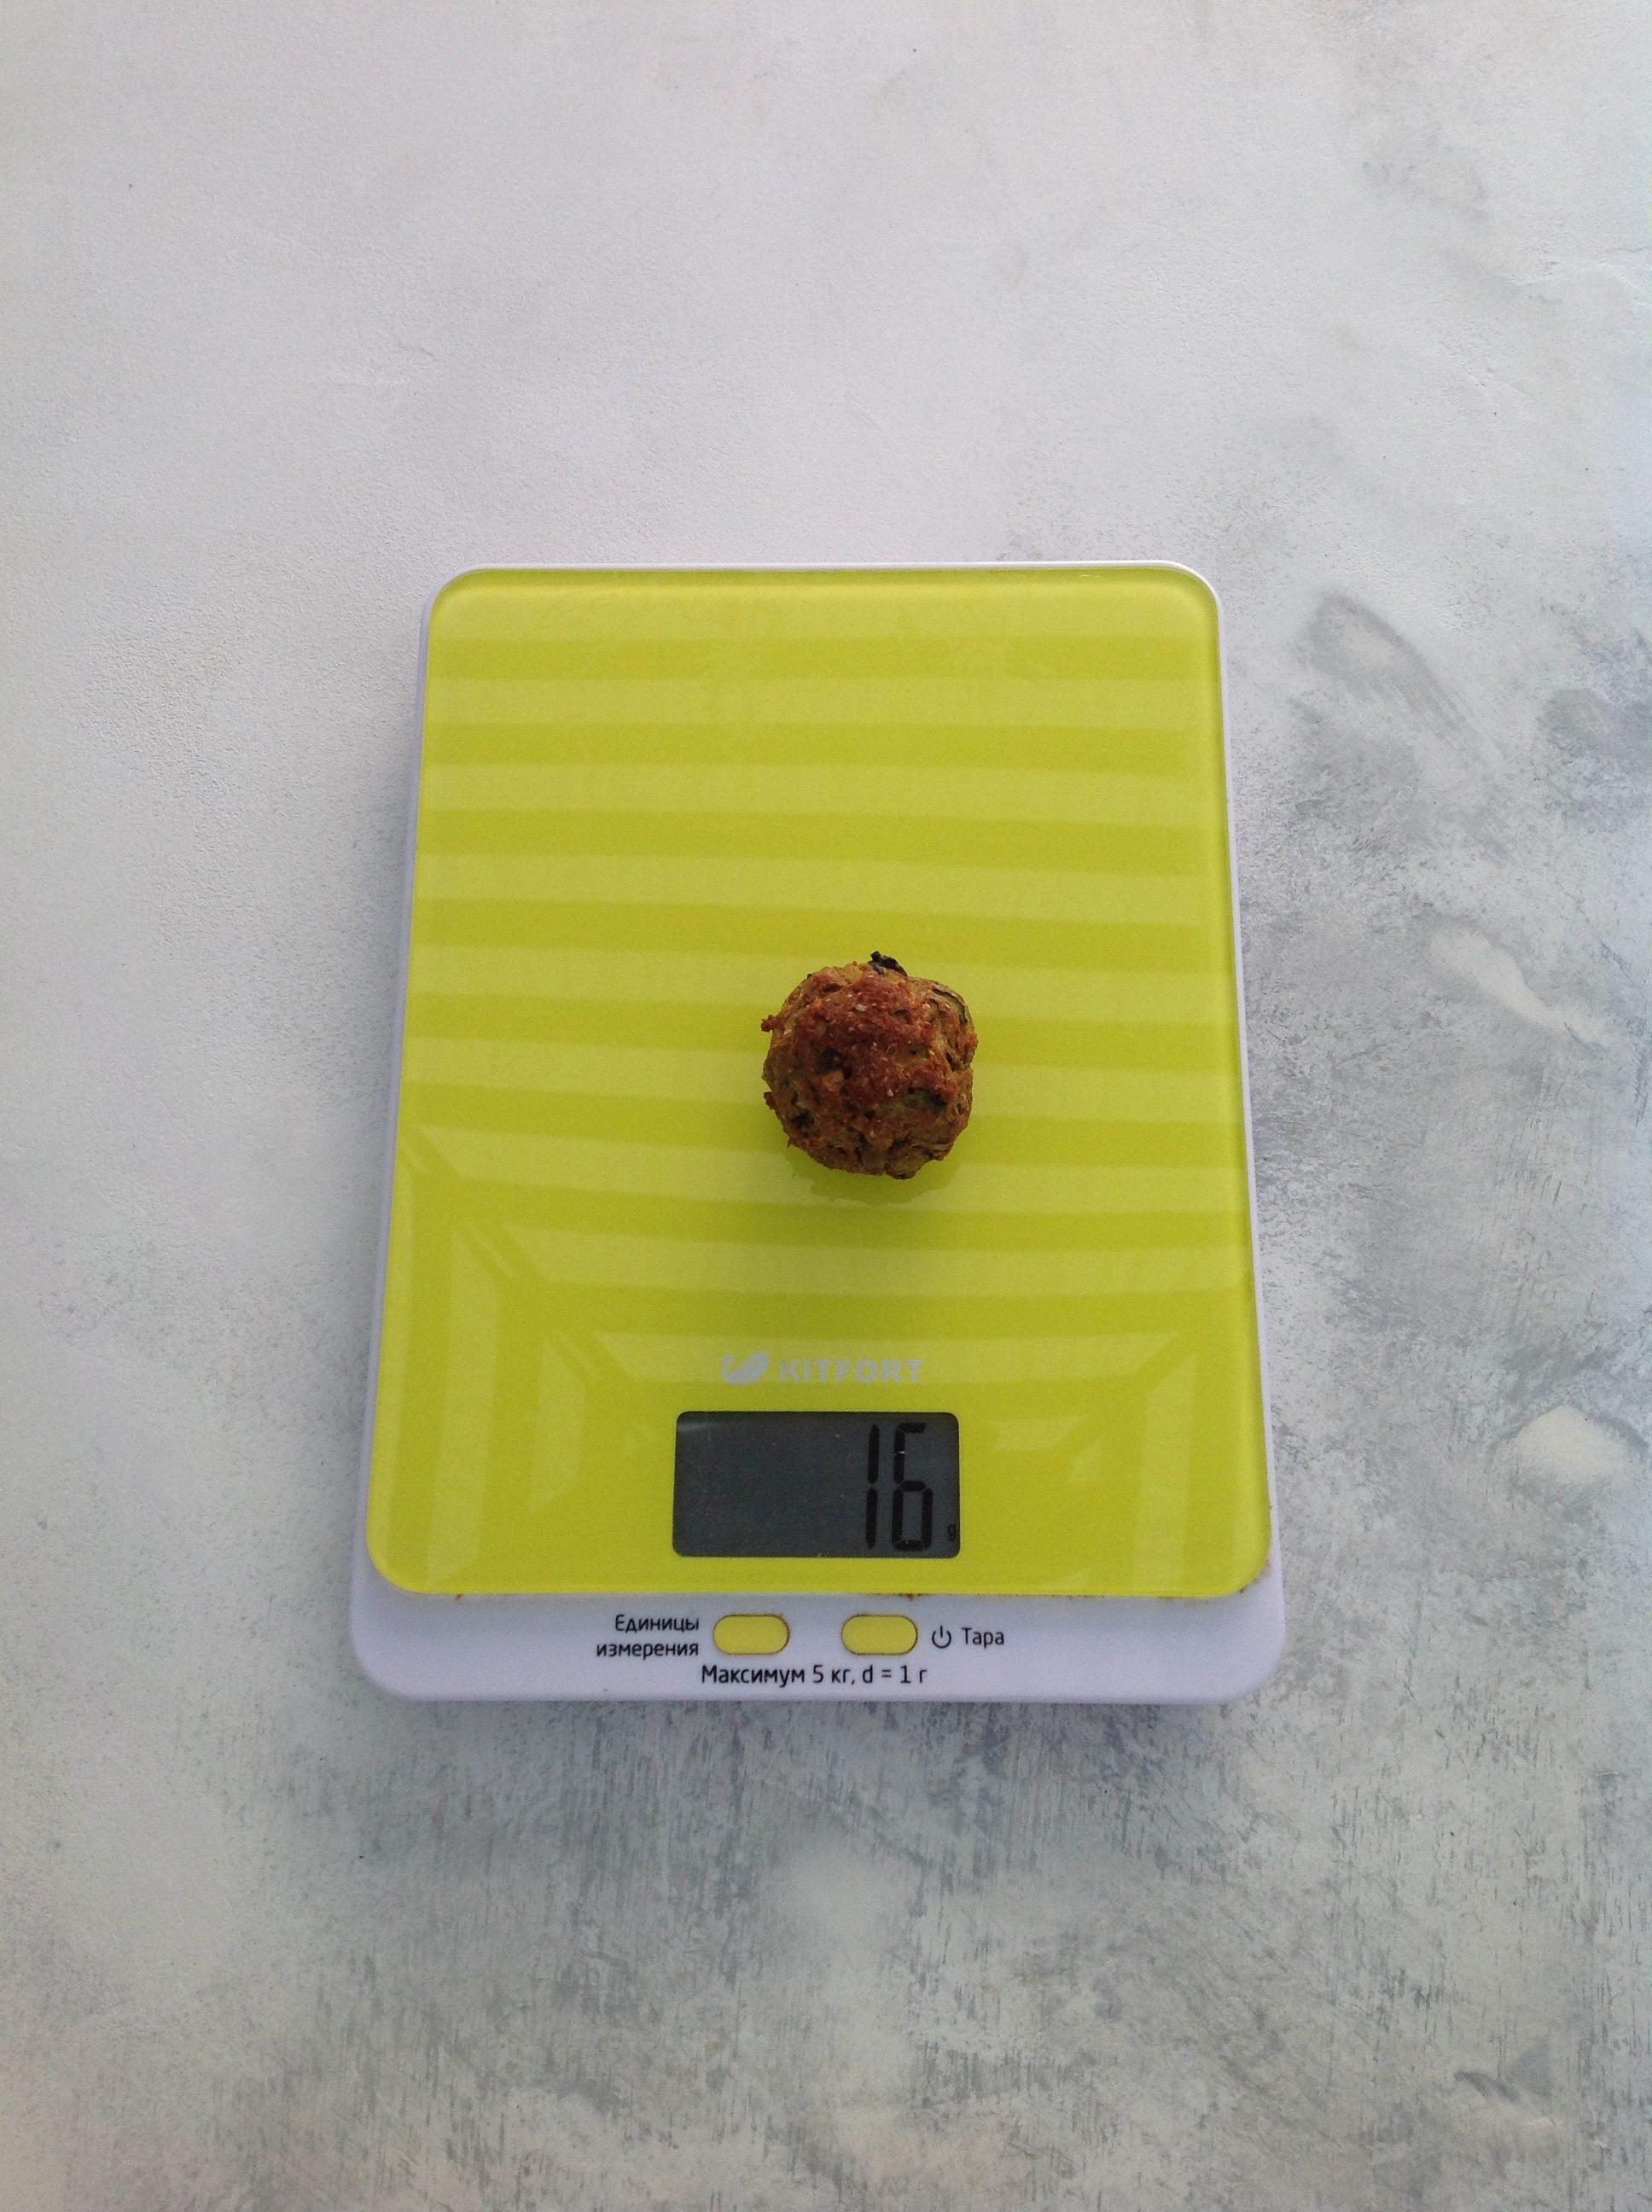 вес чечевичной тефтельки